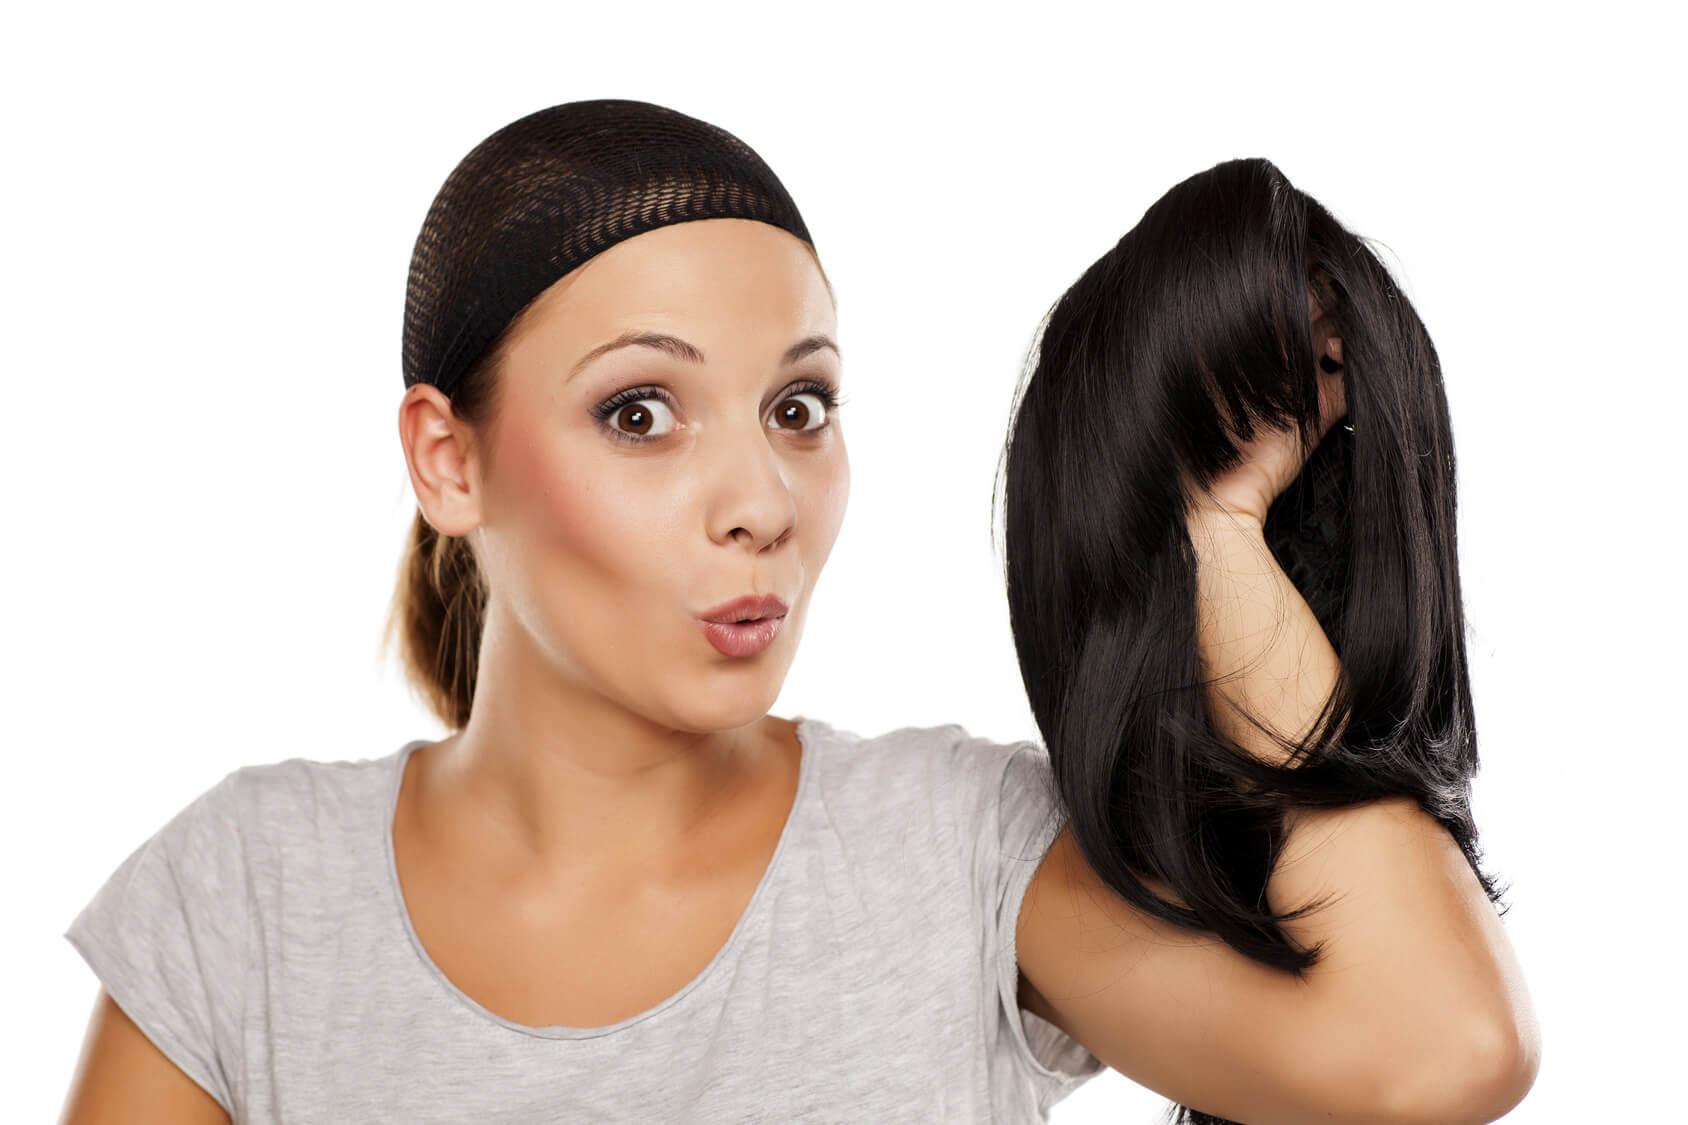 La peluca ideal según la forma de tu cara